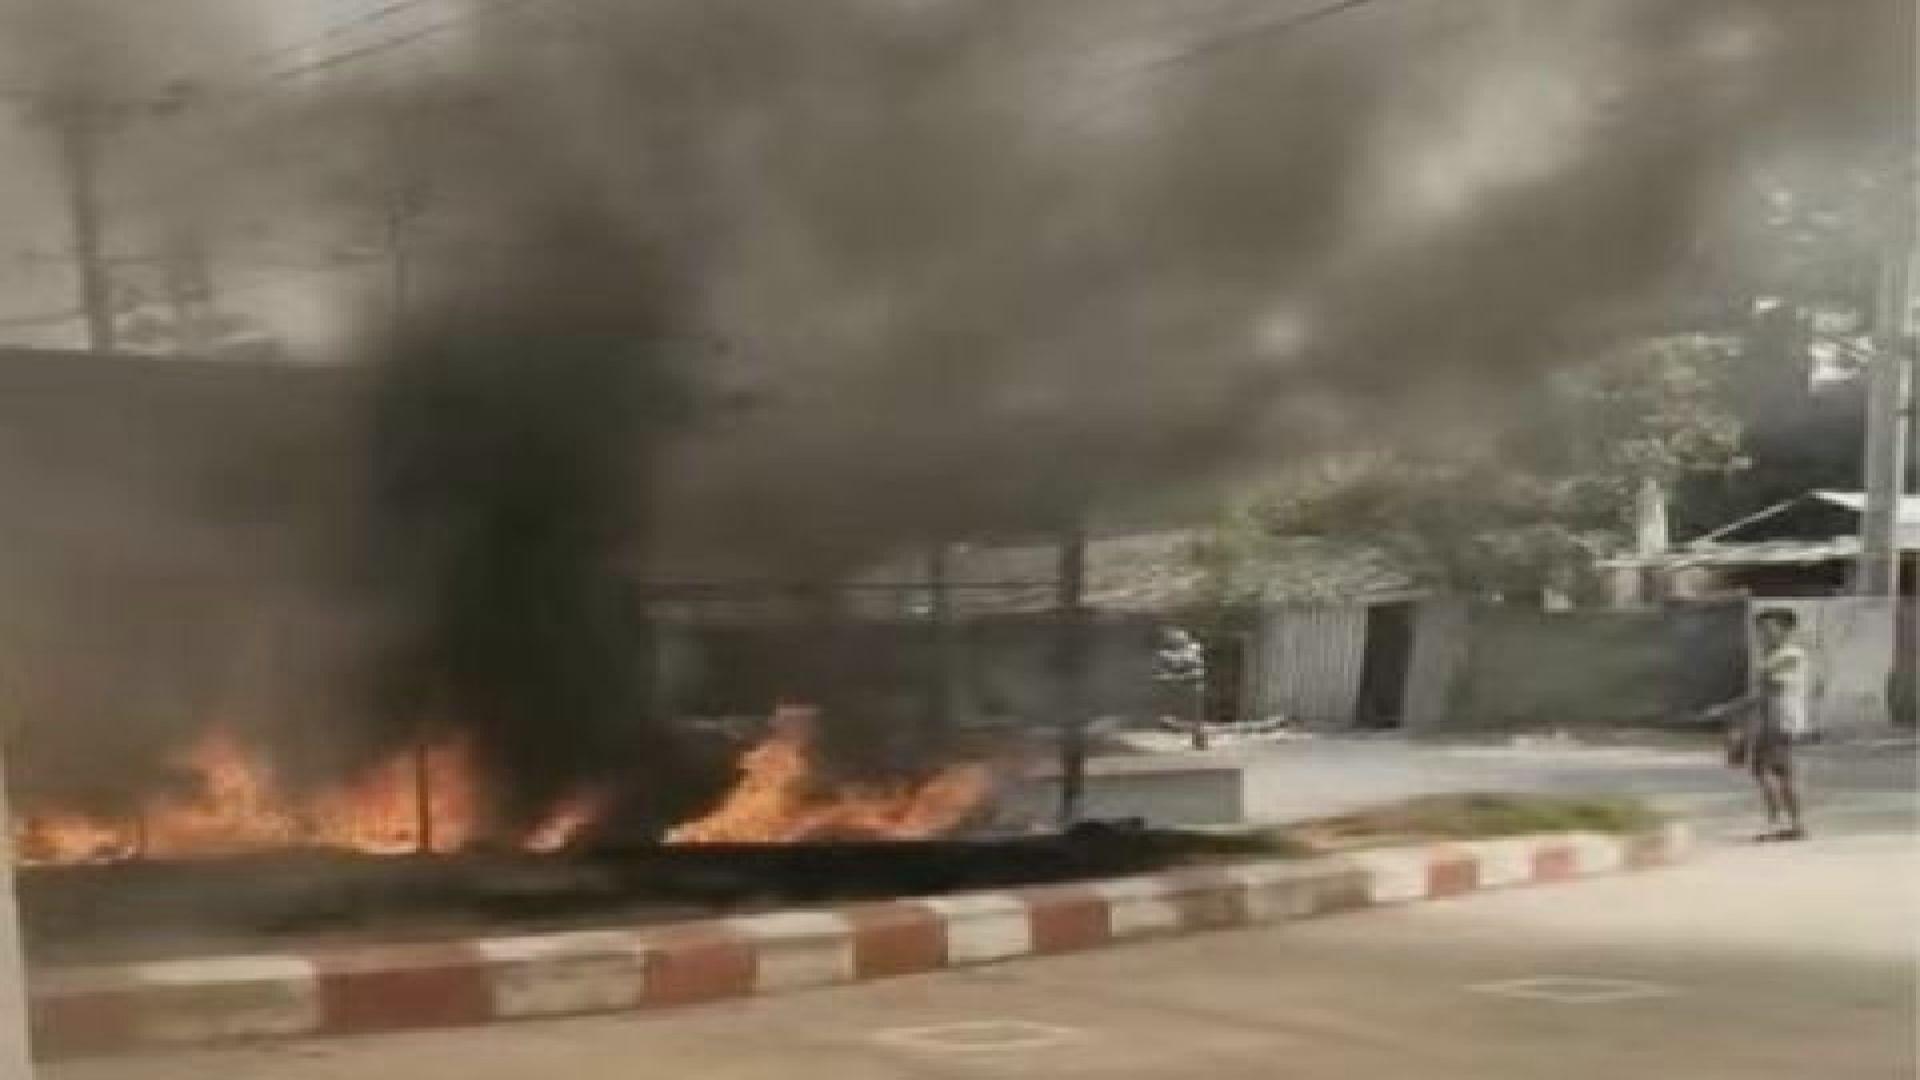 緬甸工業區多間中資服裝廠遭縱火 多名中方人員受傷